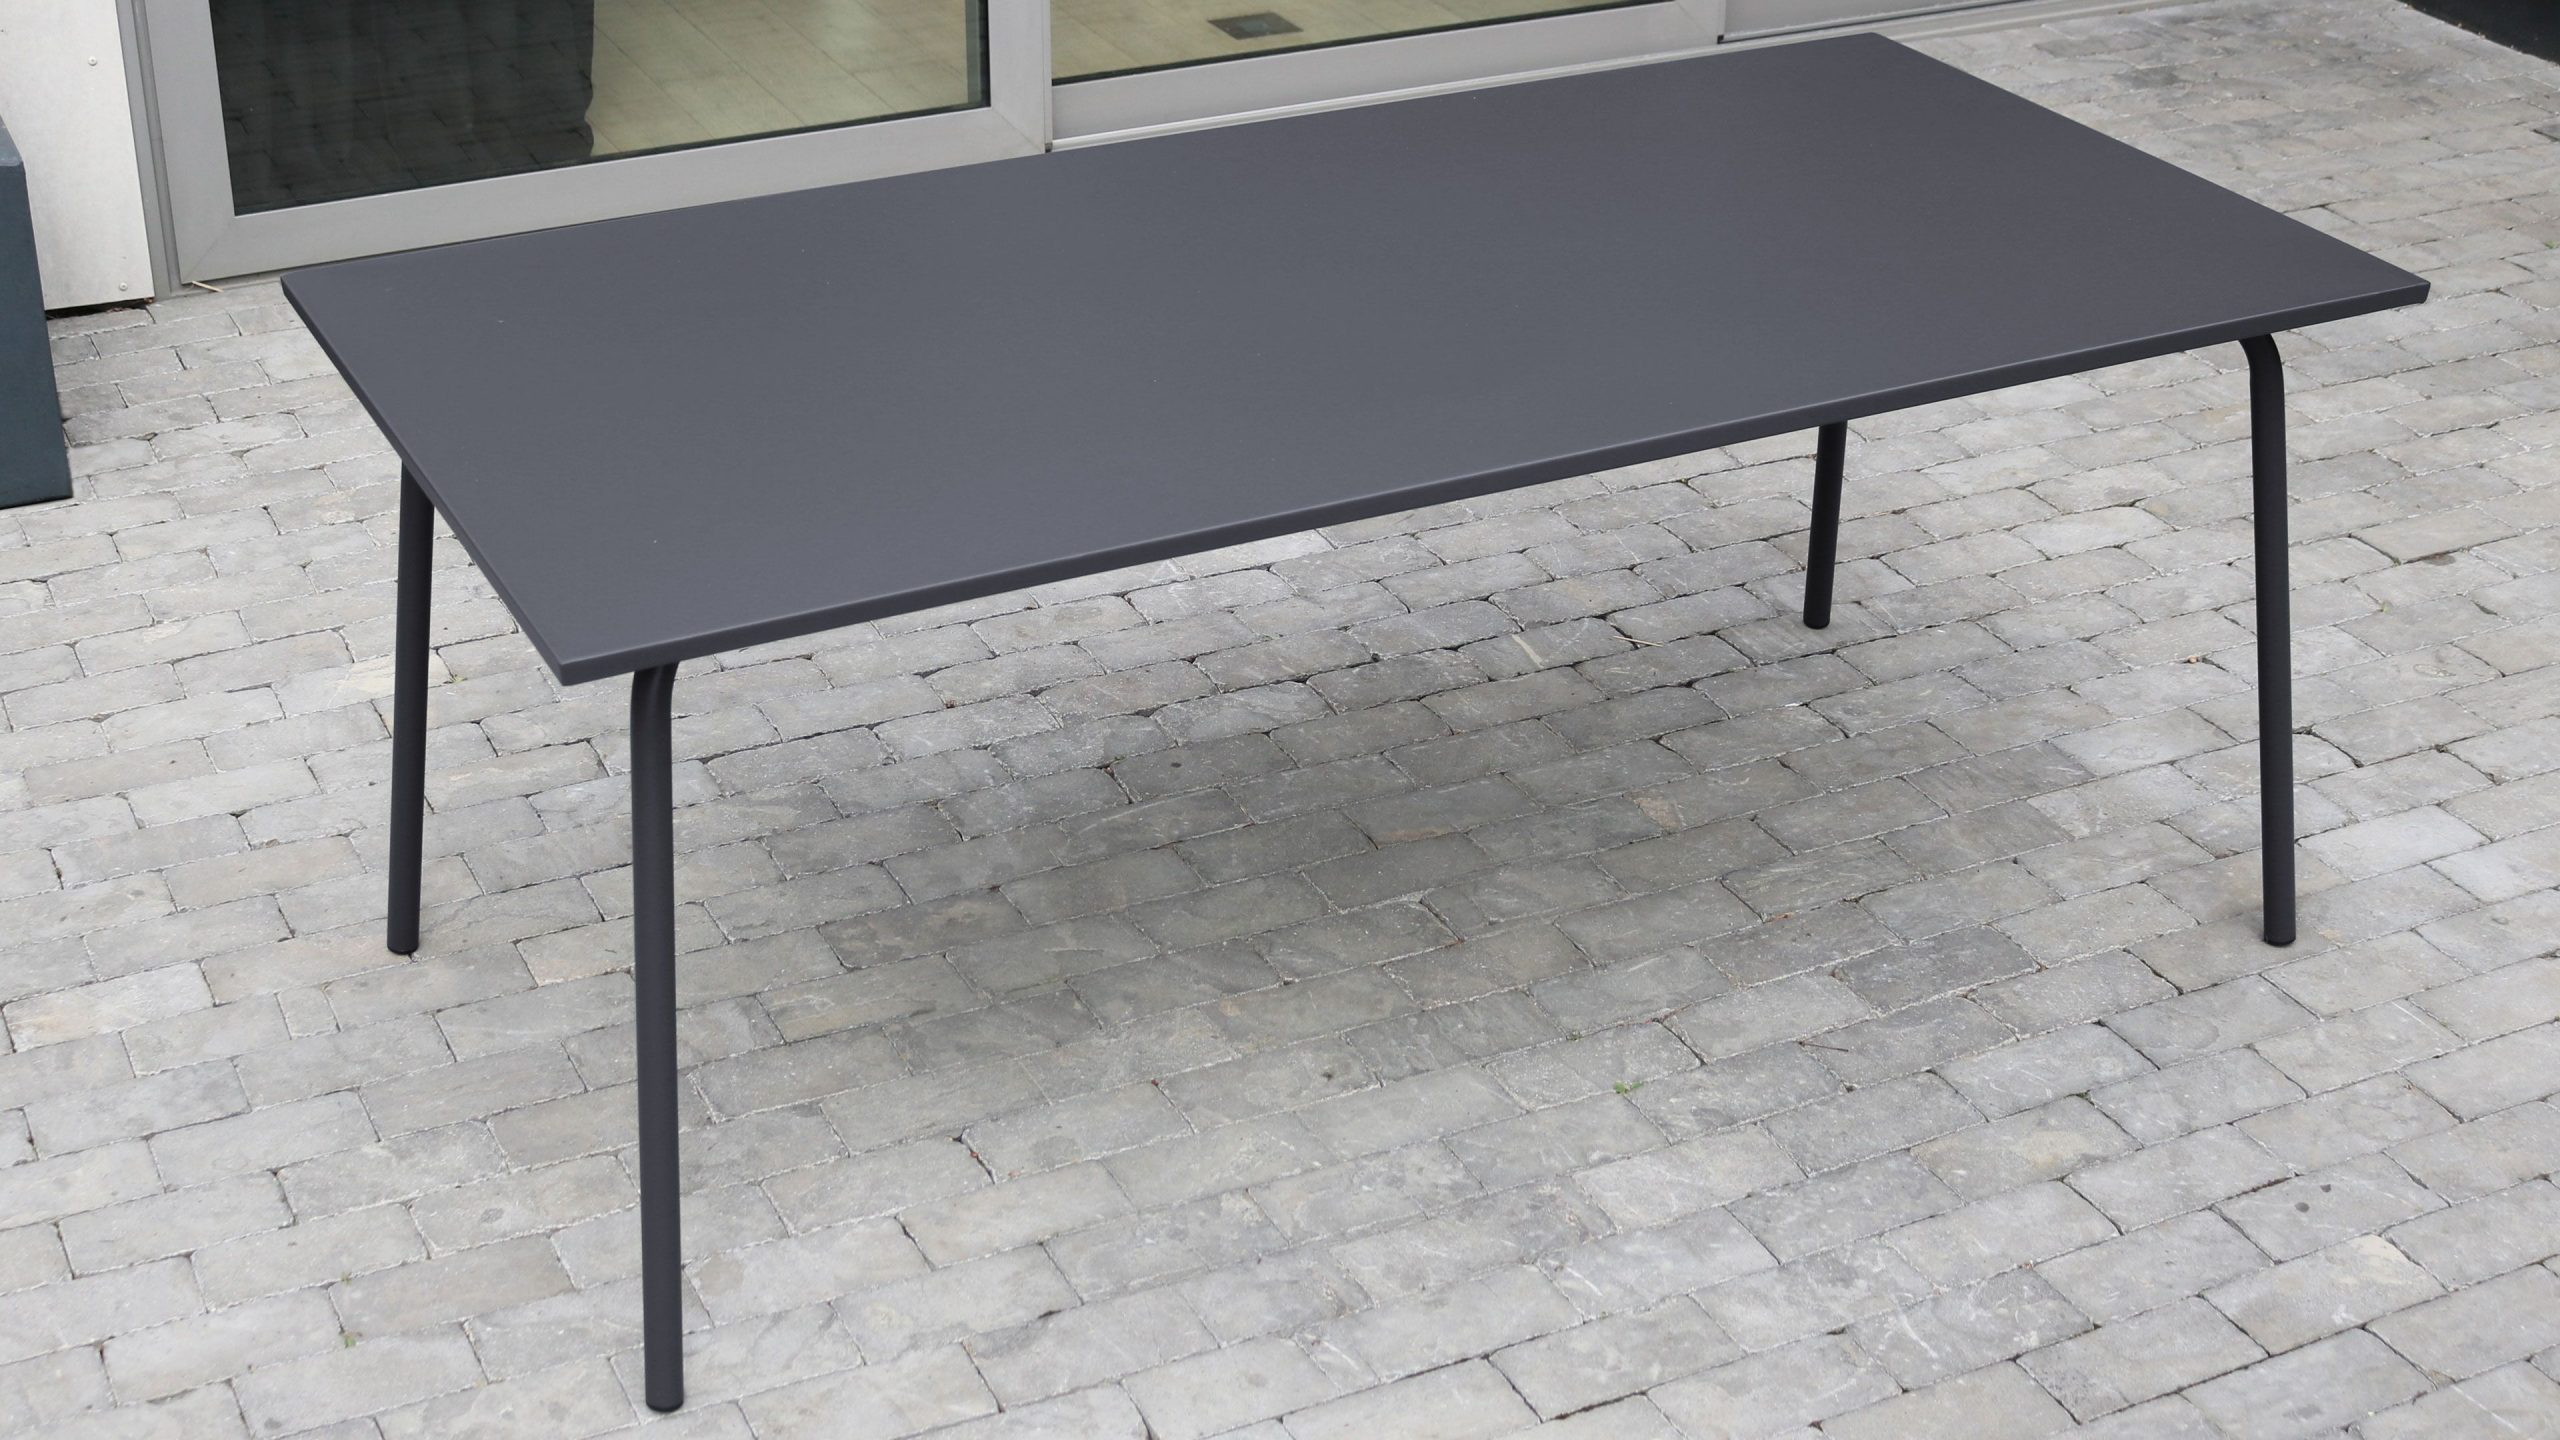 Salon De Jardin Metal Table Et Fauteuils pour Tables De Jardin Pas Cher